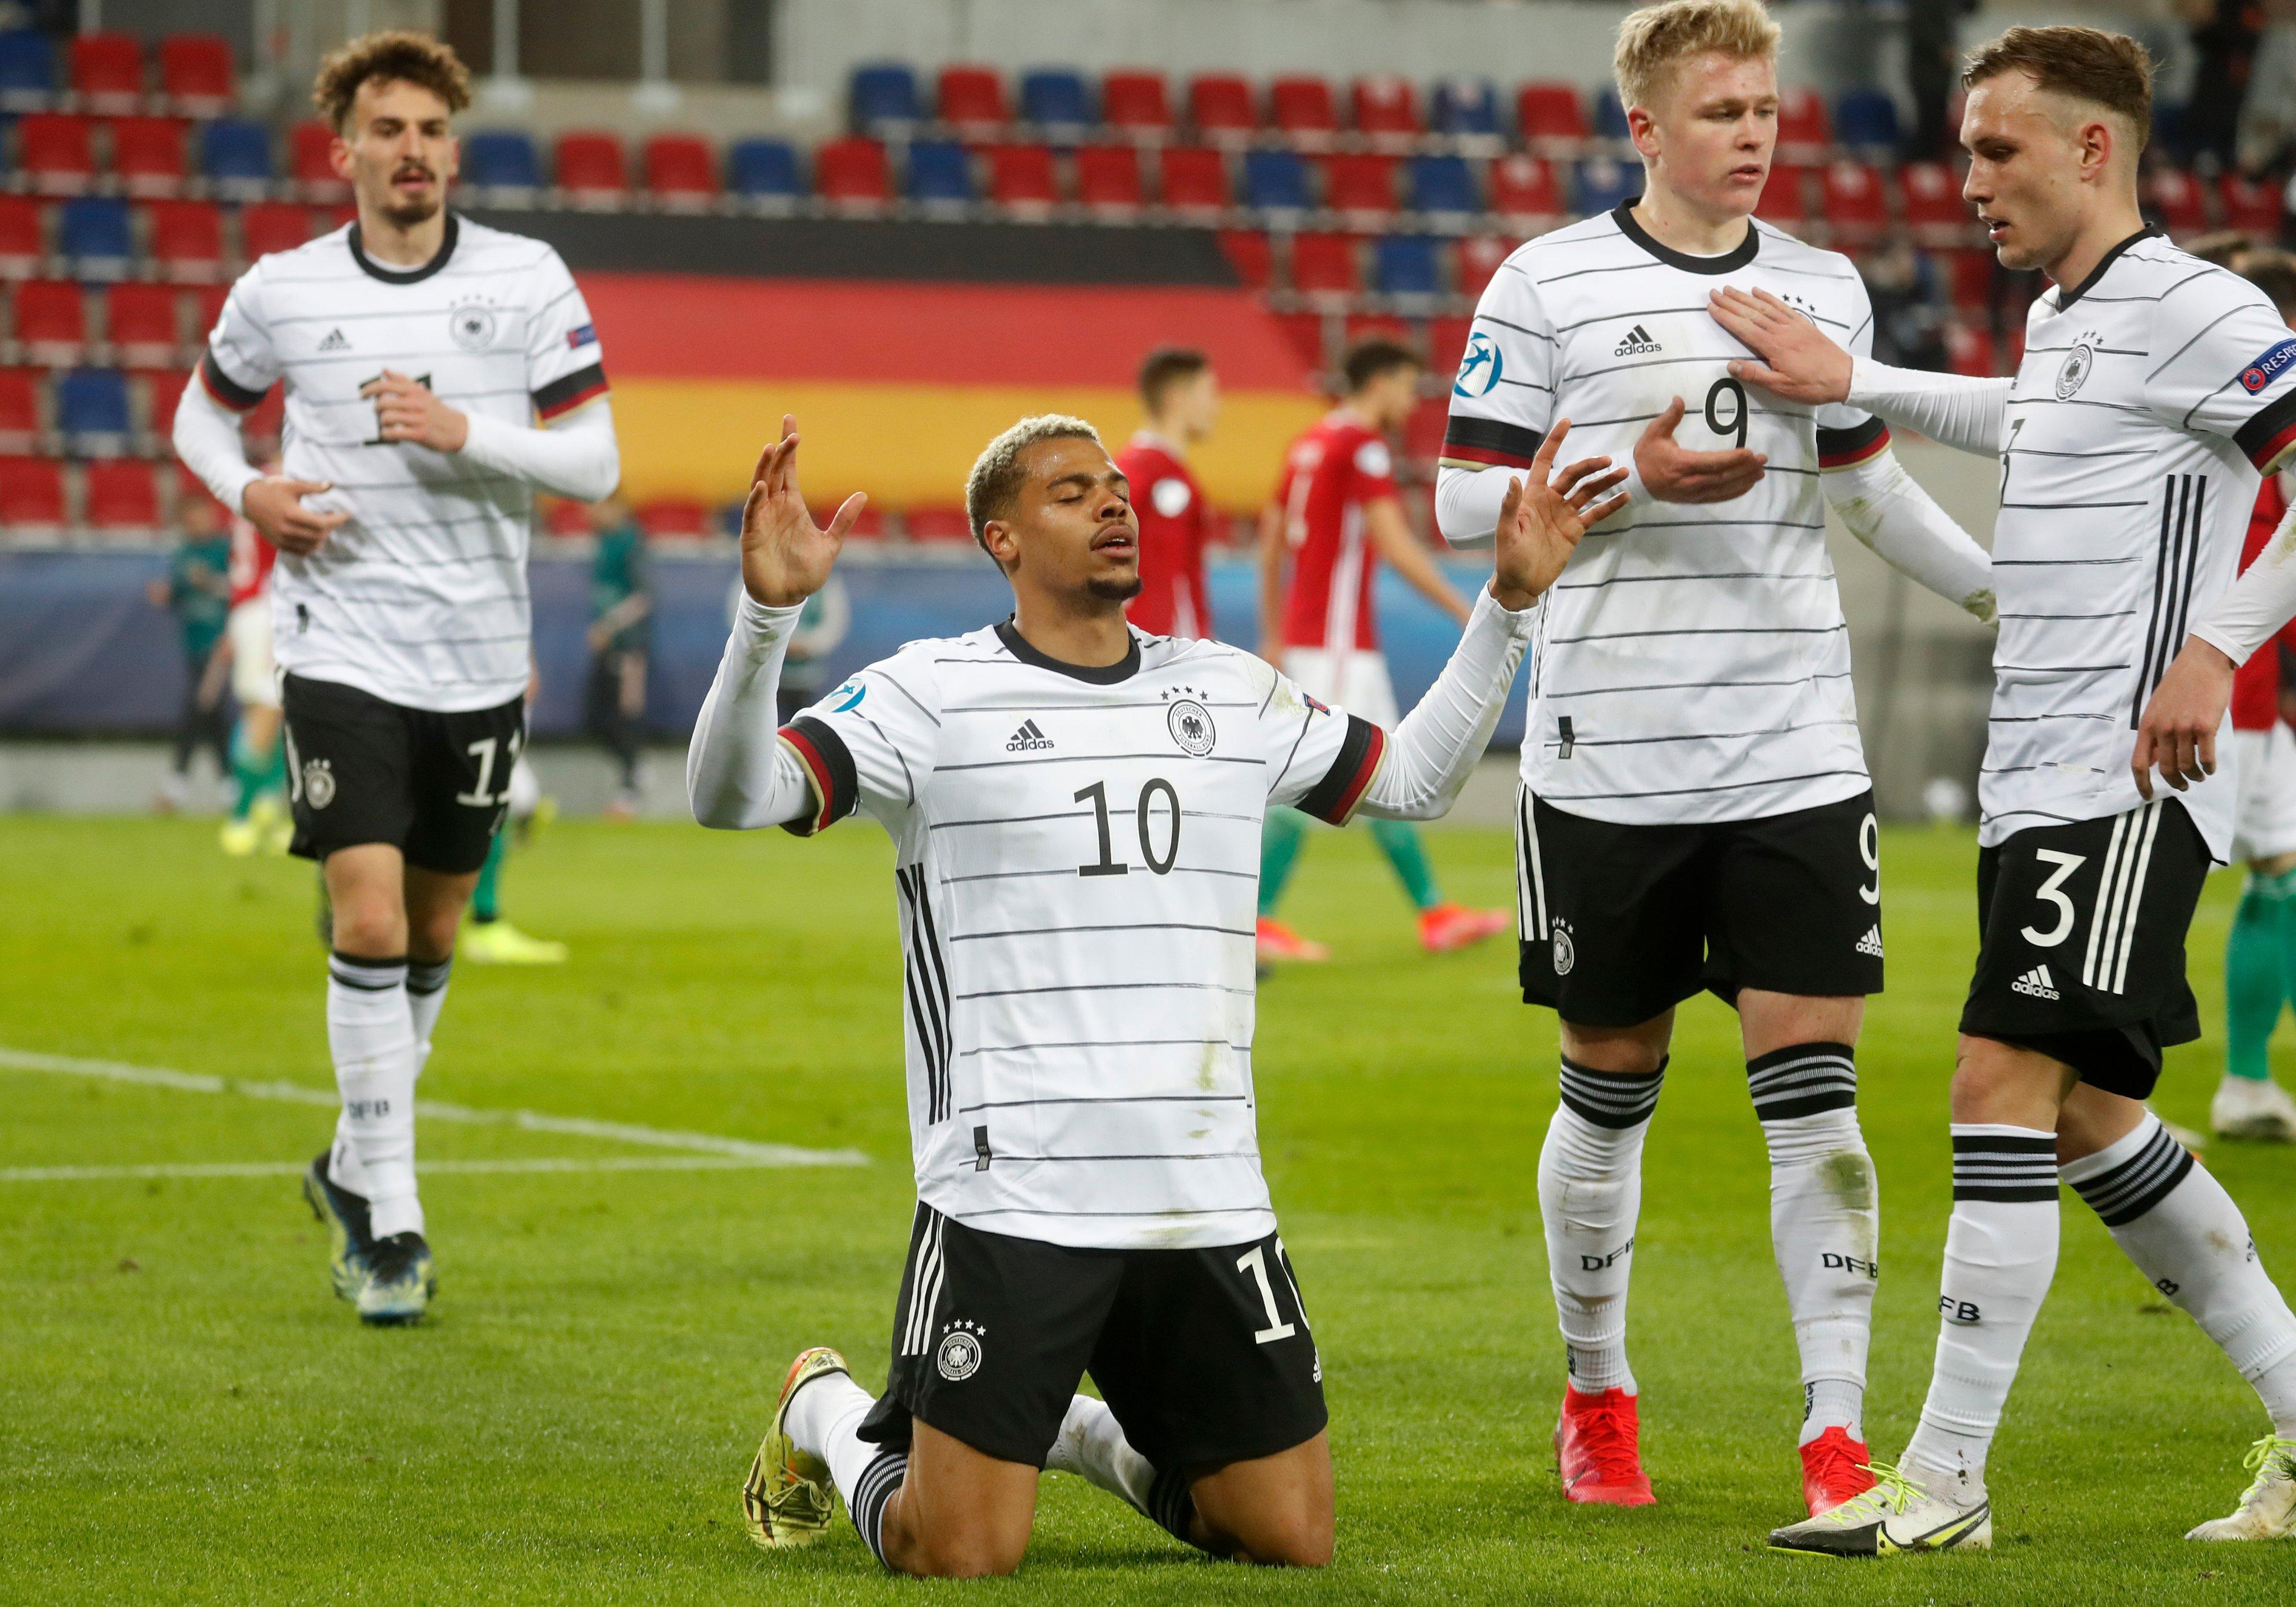 Венгрия 0:3 Германия. Старт молодёжного Евро для Ди Манншафт!